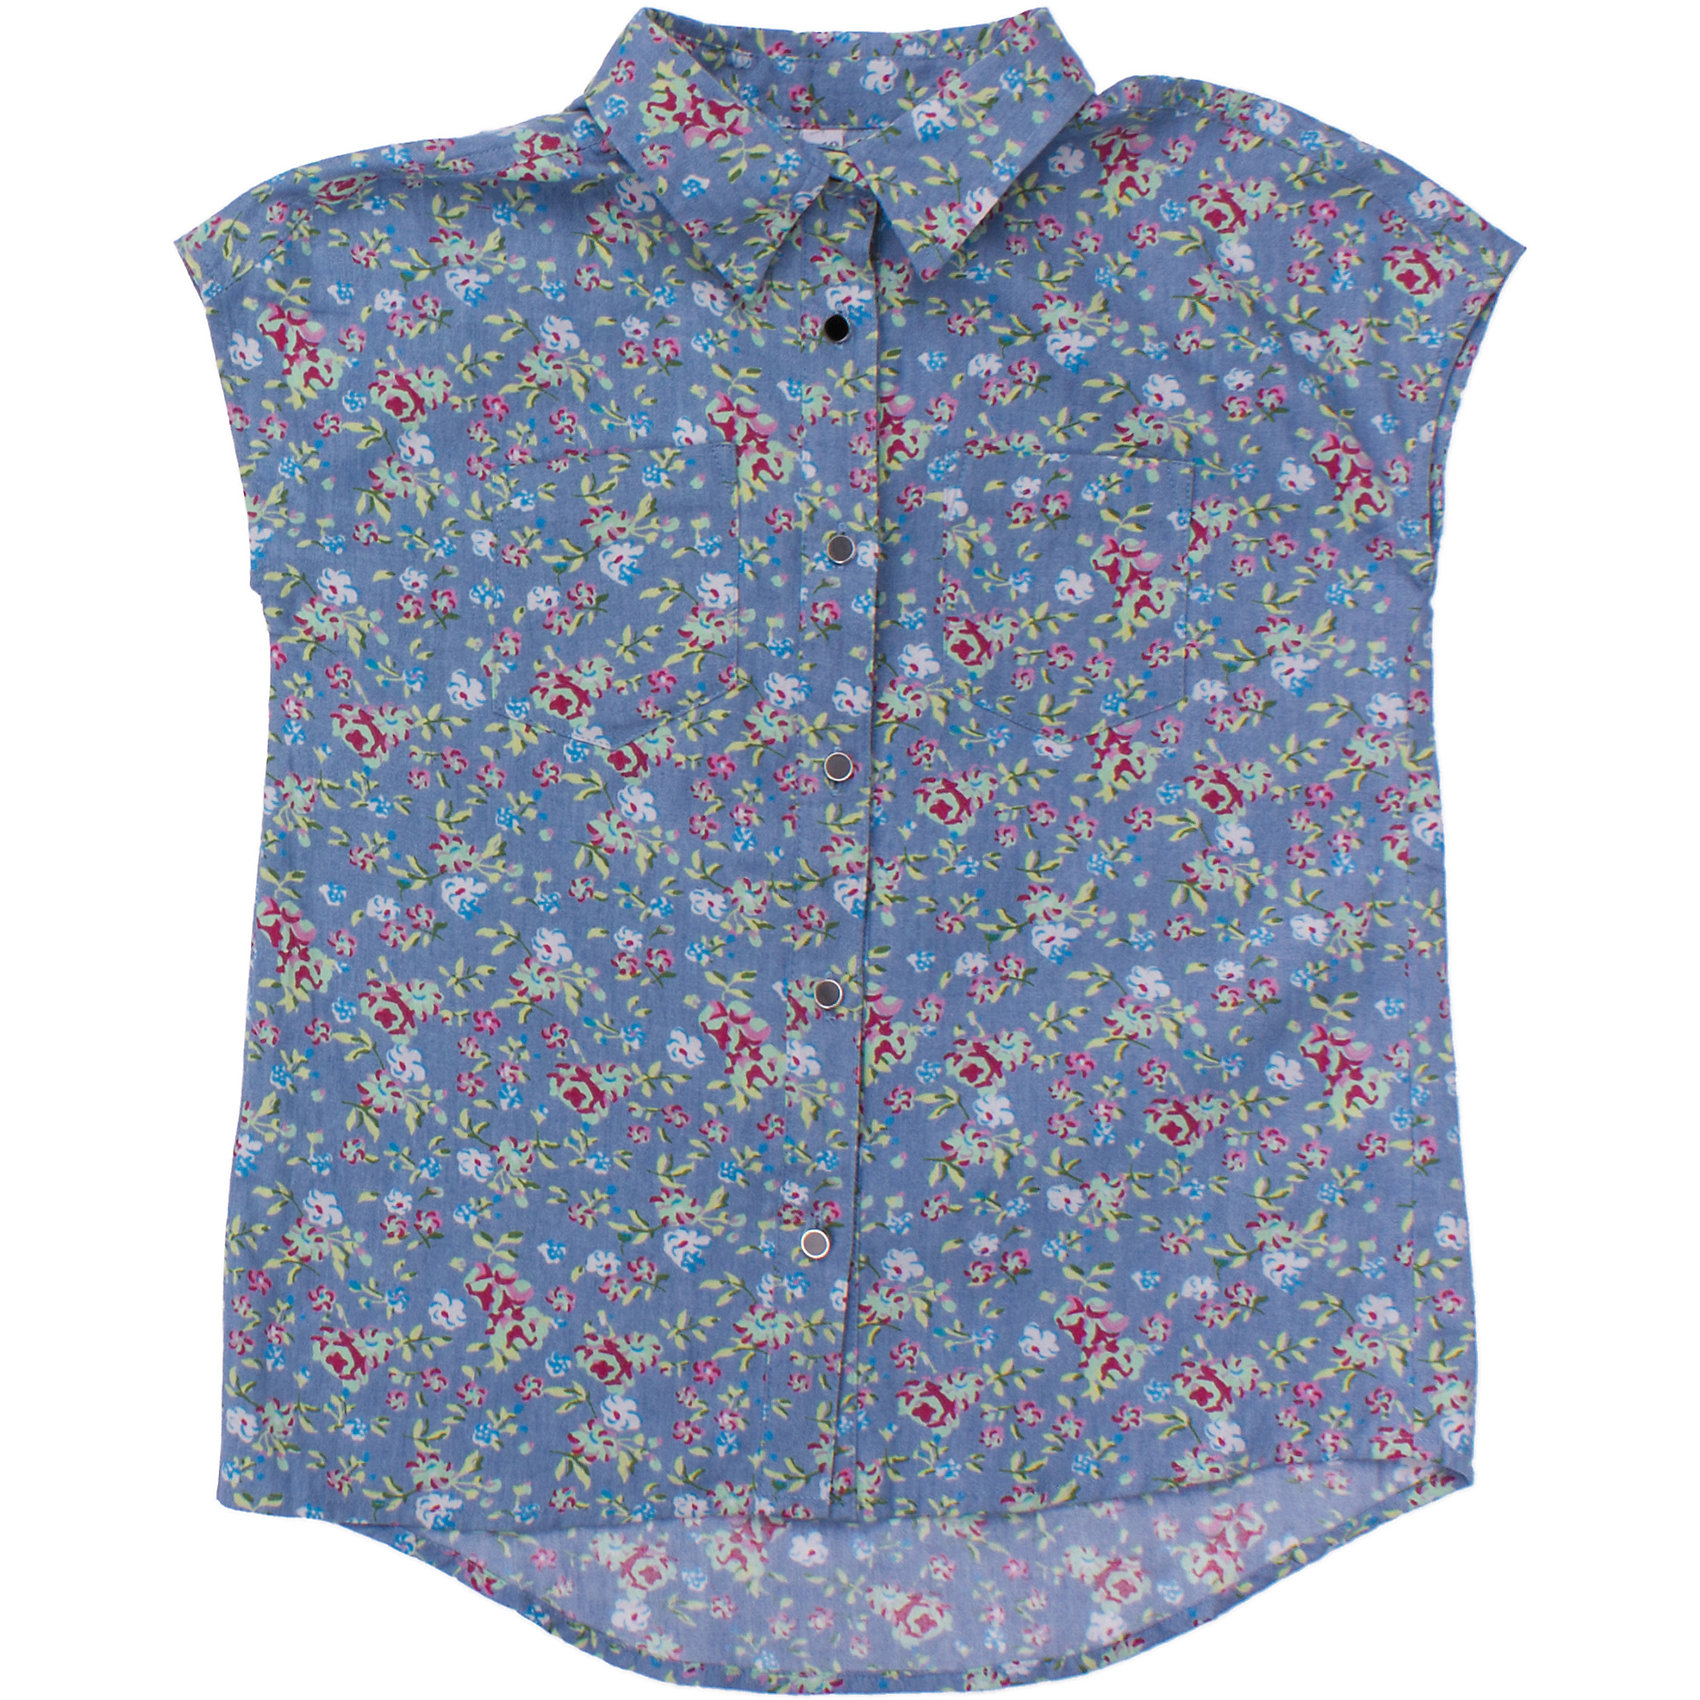 Блузка для девочки ScoolБлузки и рубашки<br>Мягкая джинсовая рубашка с легким цветочным узором. Застегивается на белые пуговки. На груди два кармашка Состав: 100% хлопок<br><br>Ширина мм: 186<br>Глубина мм: 87<br>Высота мм: 198<br>Вес г: 197<br>Цвет: голубой<br>Возраст от месяцев: 108<br>Возраст до месяцев: 120<br>Пол: Женский<br>Возраст: Детский<br>Размер: 140,134,164,158,152,146<br>SKU: 4652838